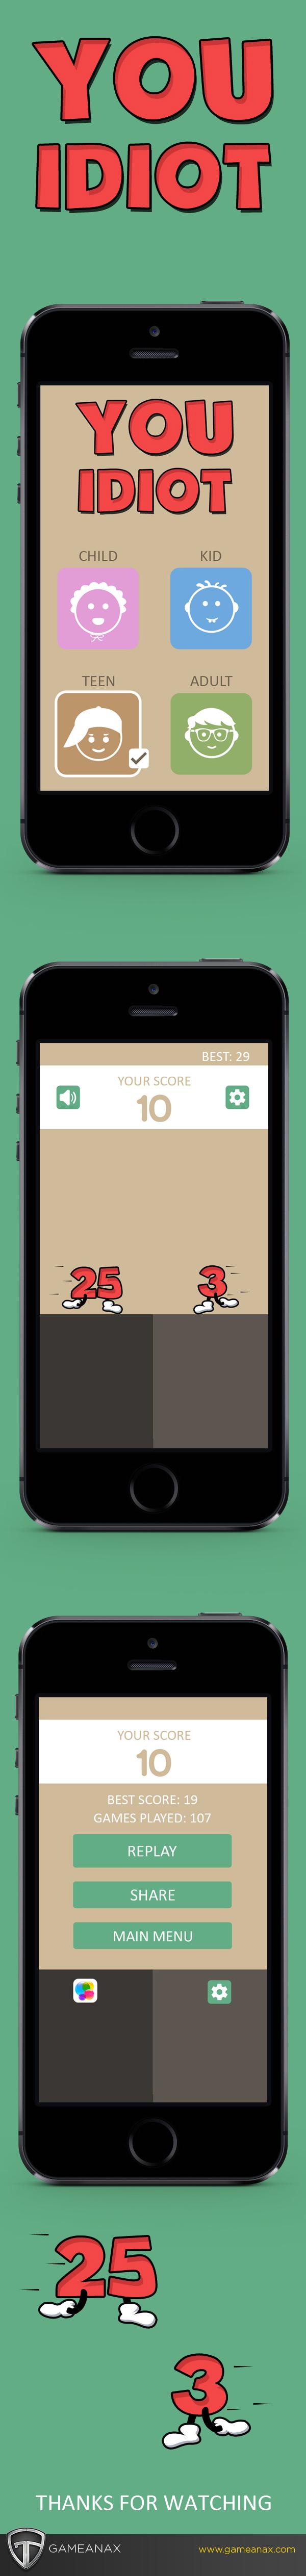 mobile gaming Gaming UI iphone iPad Games